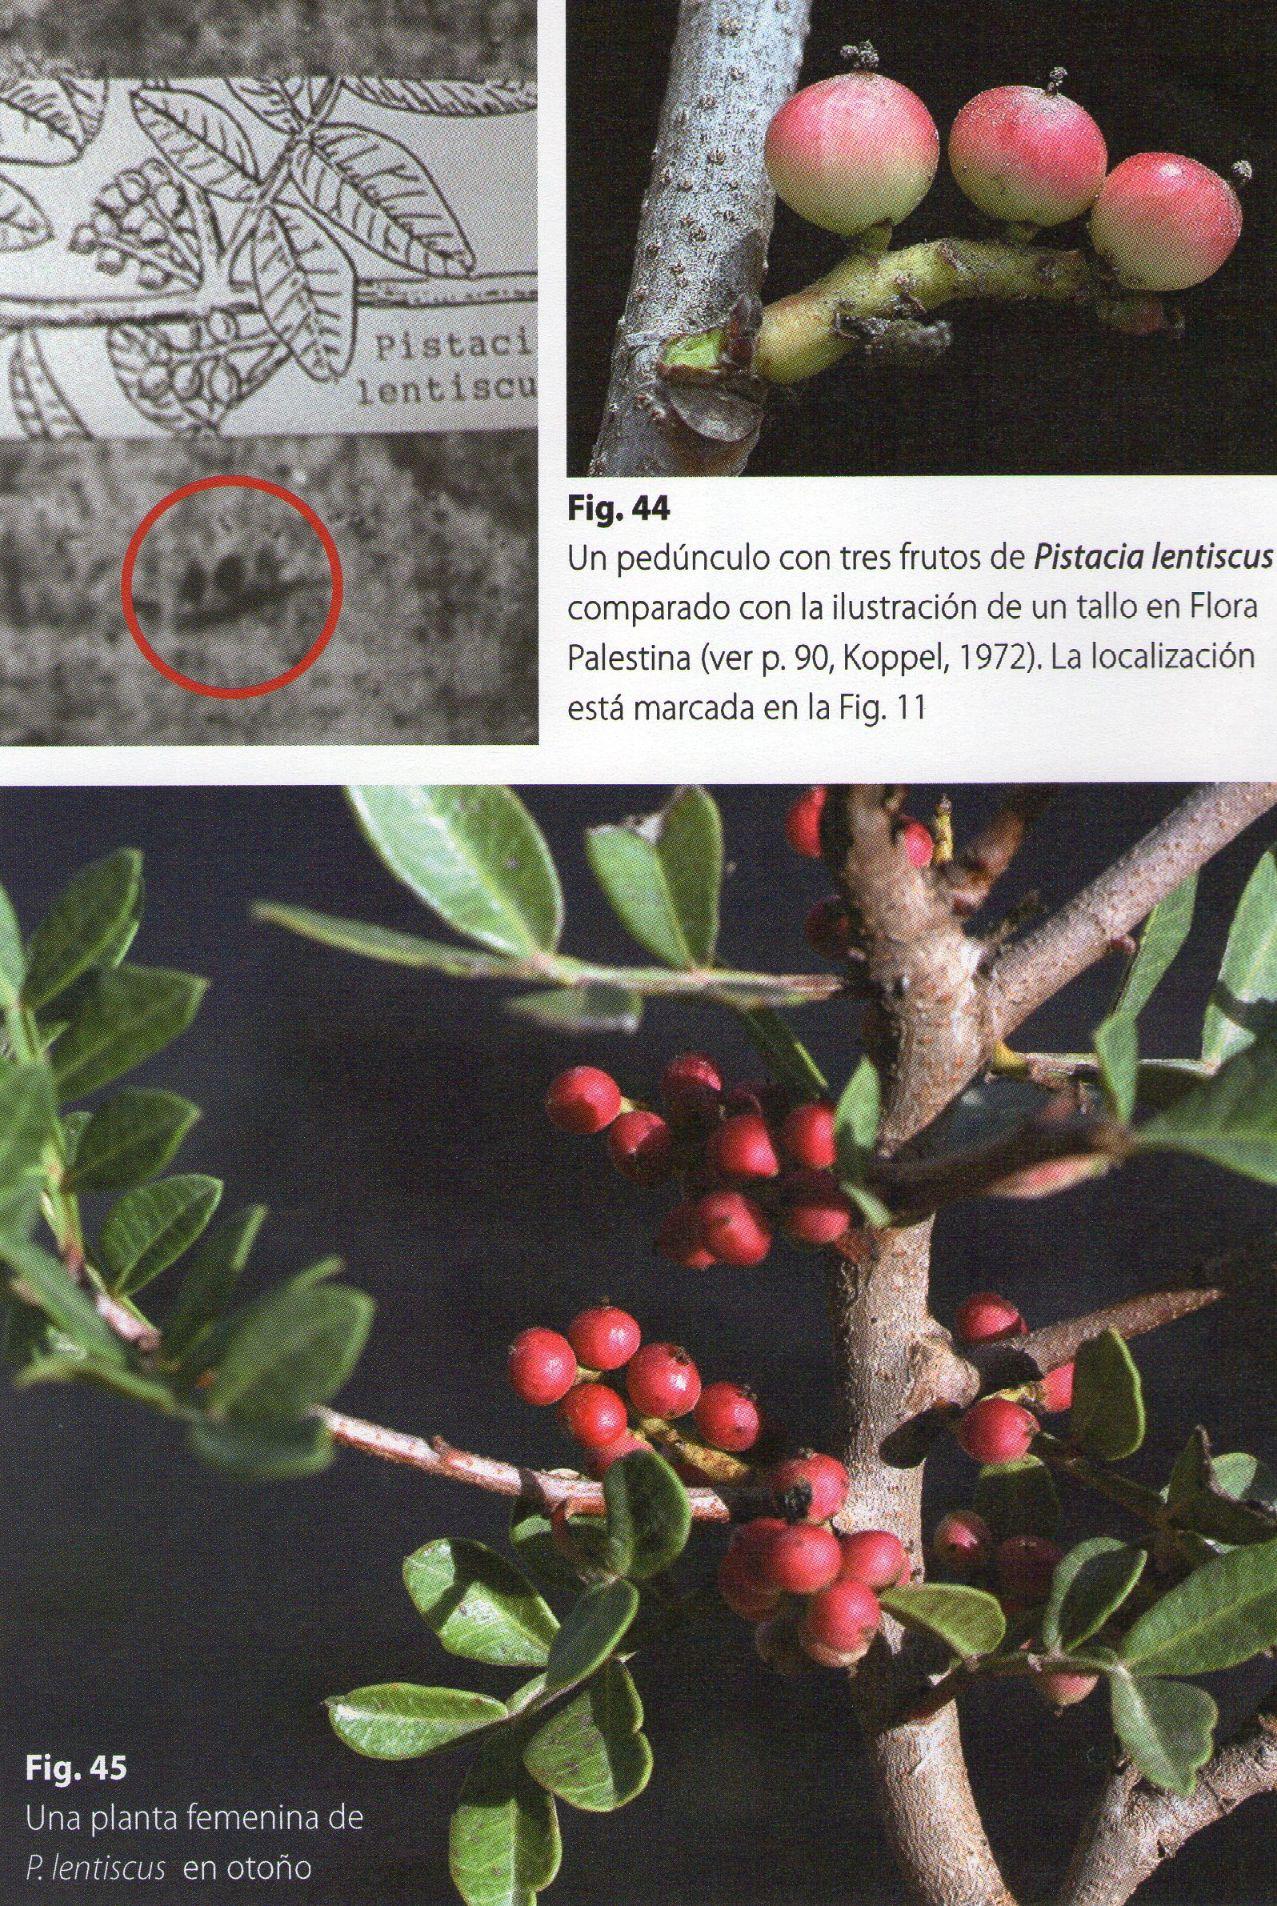 Photo 2. Pistacia lentiscus